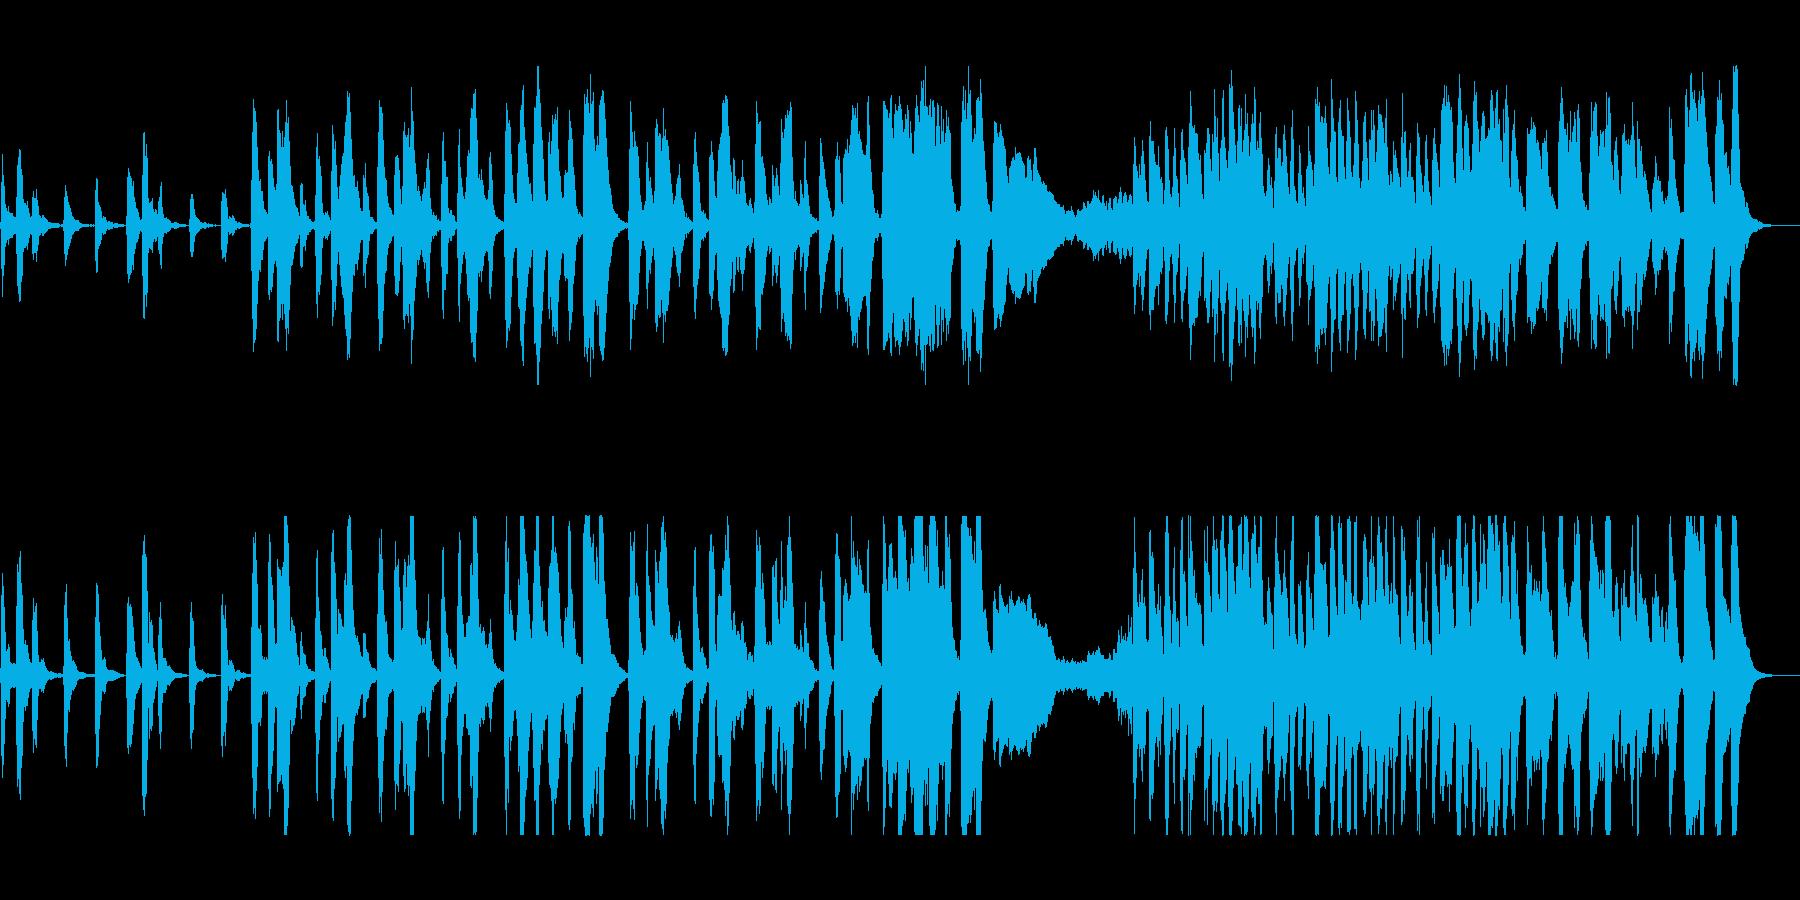 ゆったり不気味なハロウィン風オーケストラの再生済みの波形